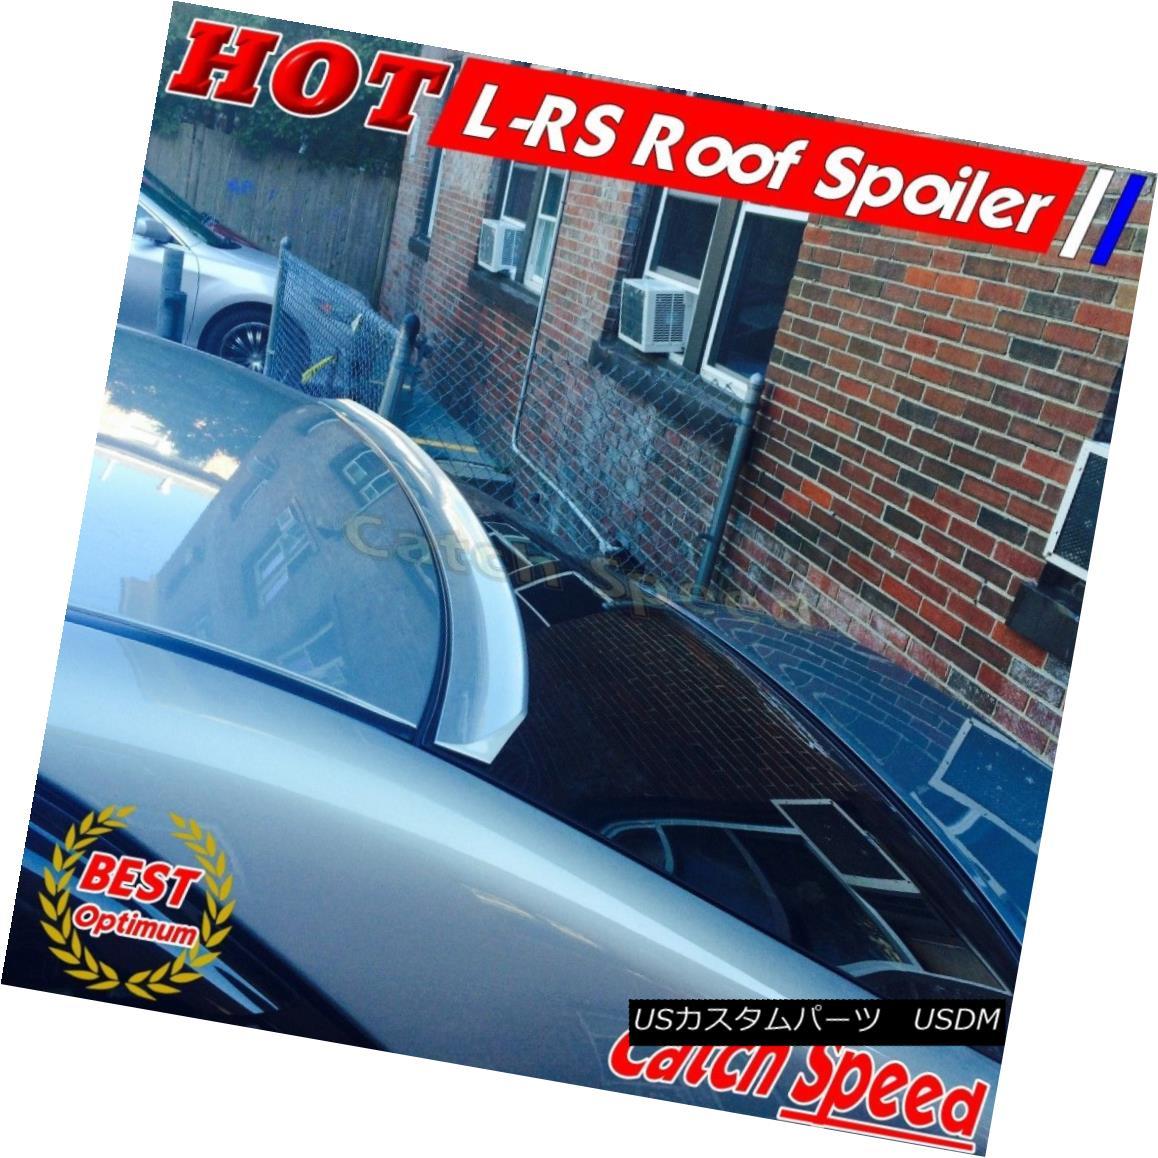 エアロパーツ New Flat Black LRS Rear Roof Spoiler Wing For Honda Accord sedan 2008-2012 ? ホンダアコードセダン2008-2012の新しいフラットブラックLRSリアルーフスポイラーウィング?